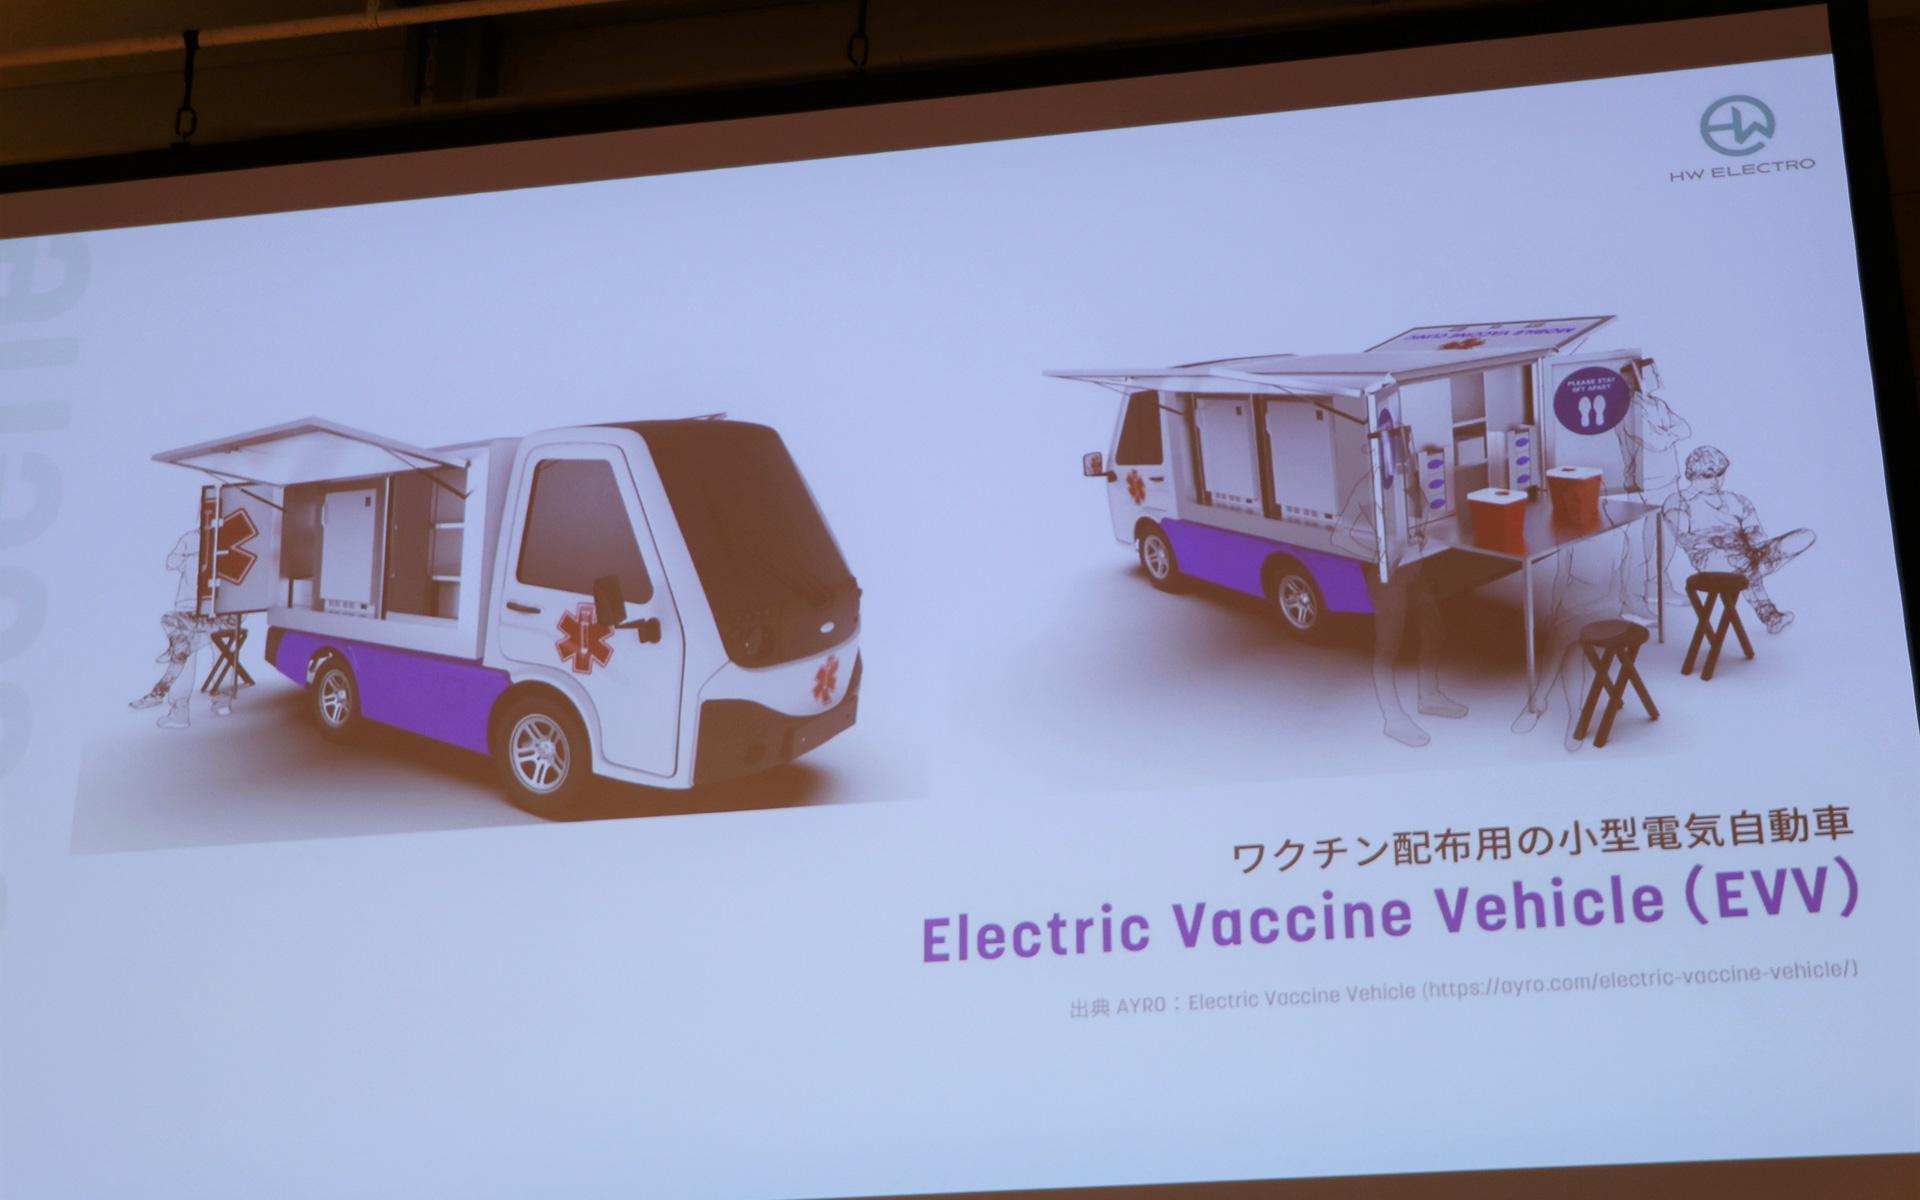 アメリカのワクチン配付車両